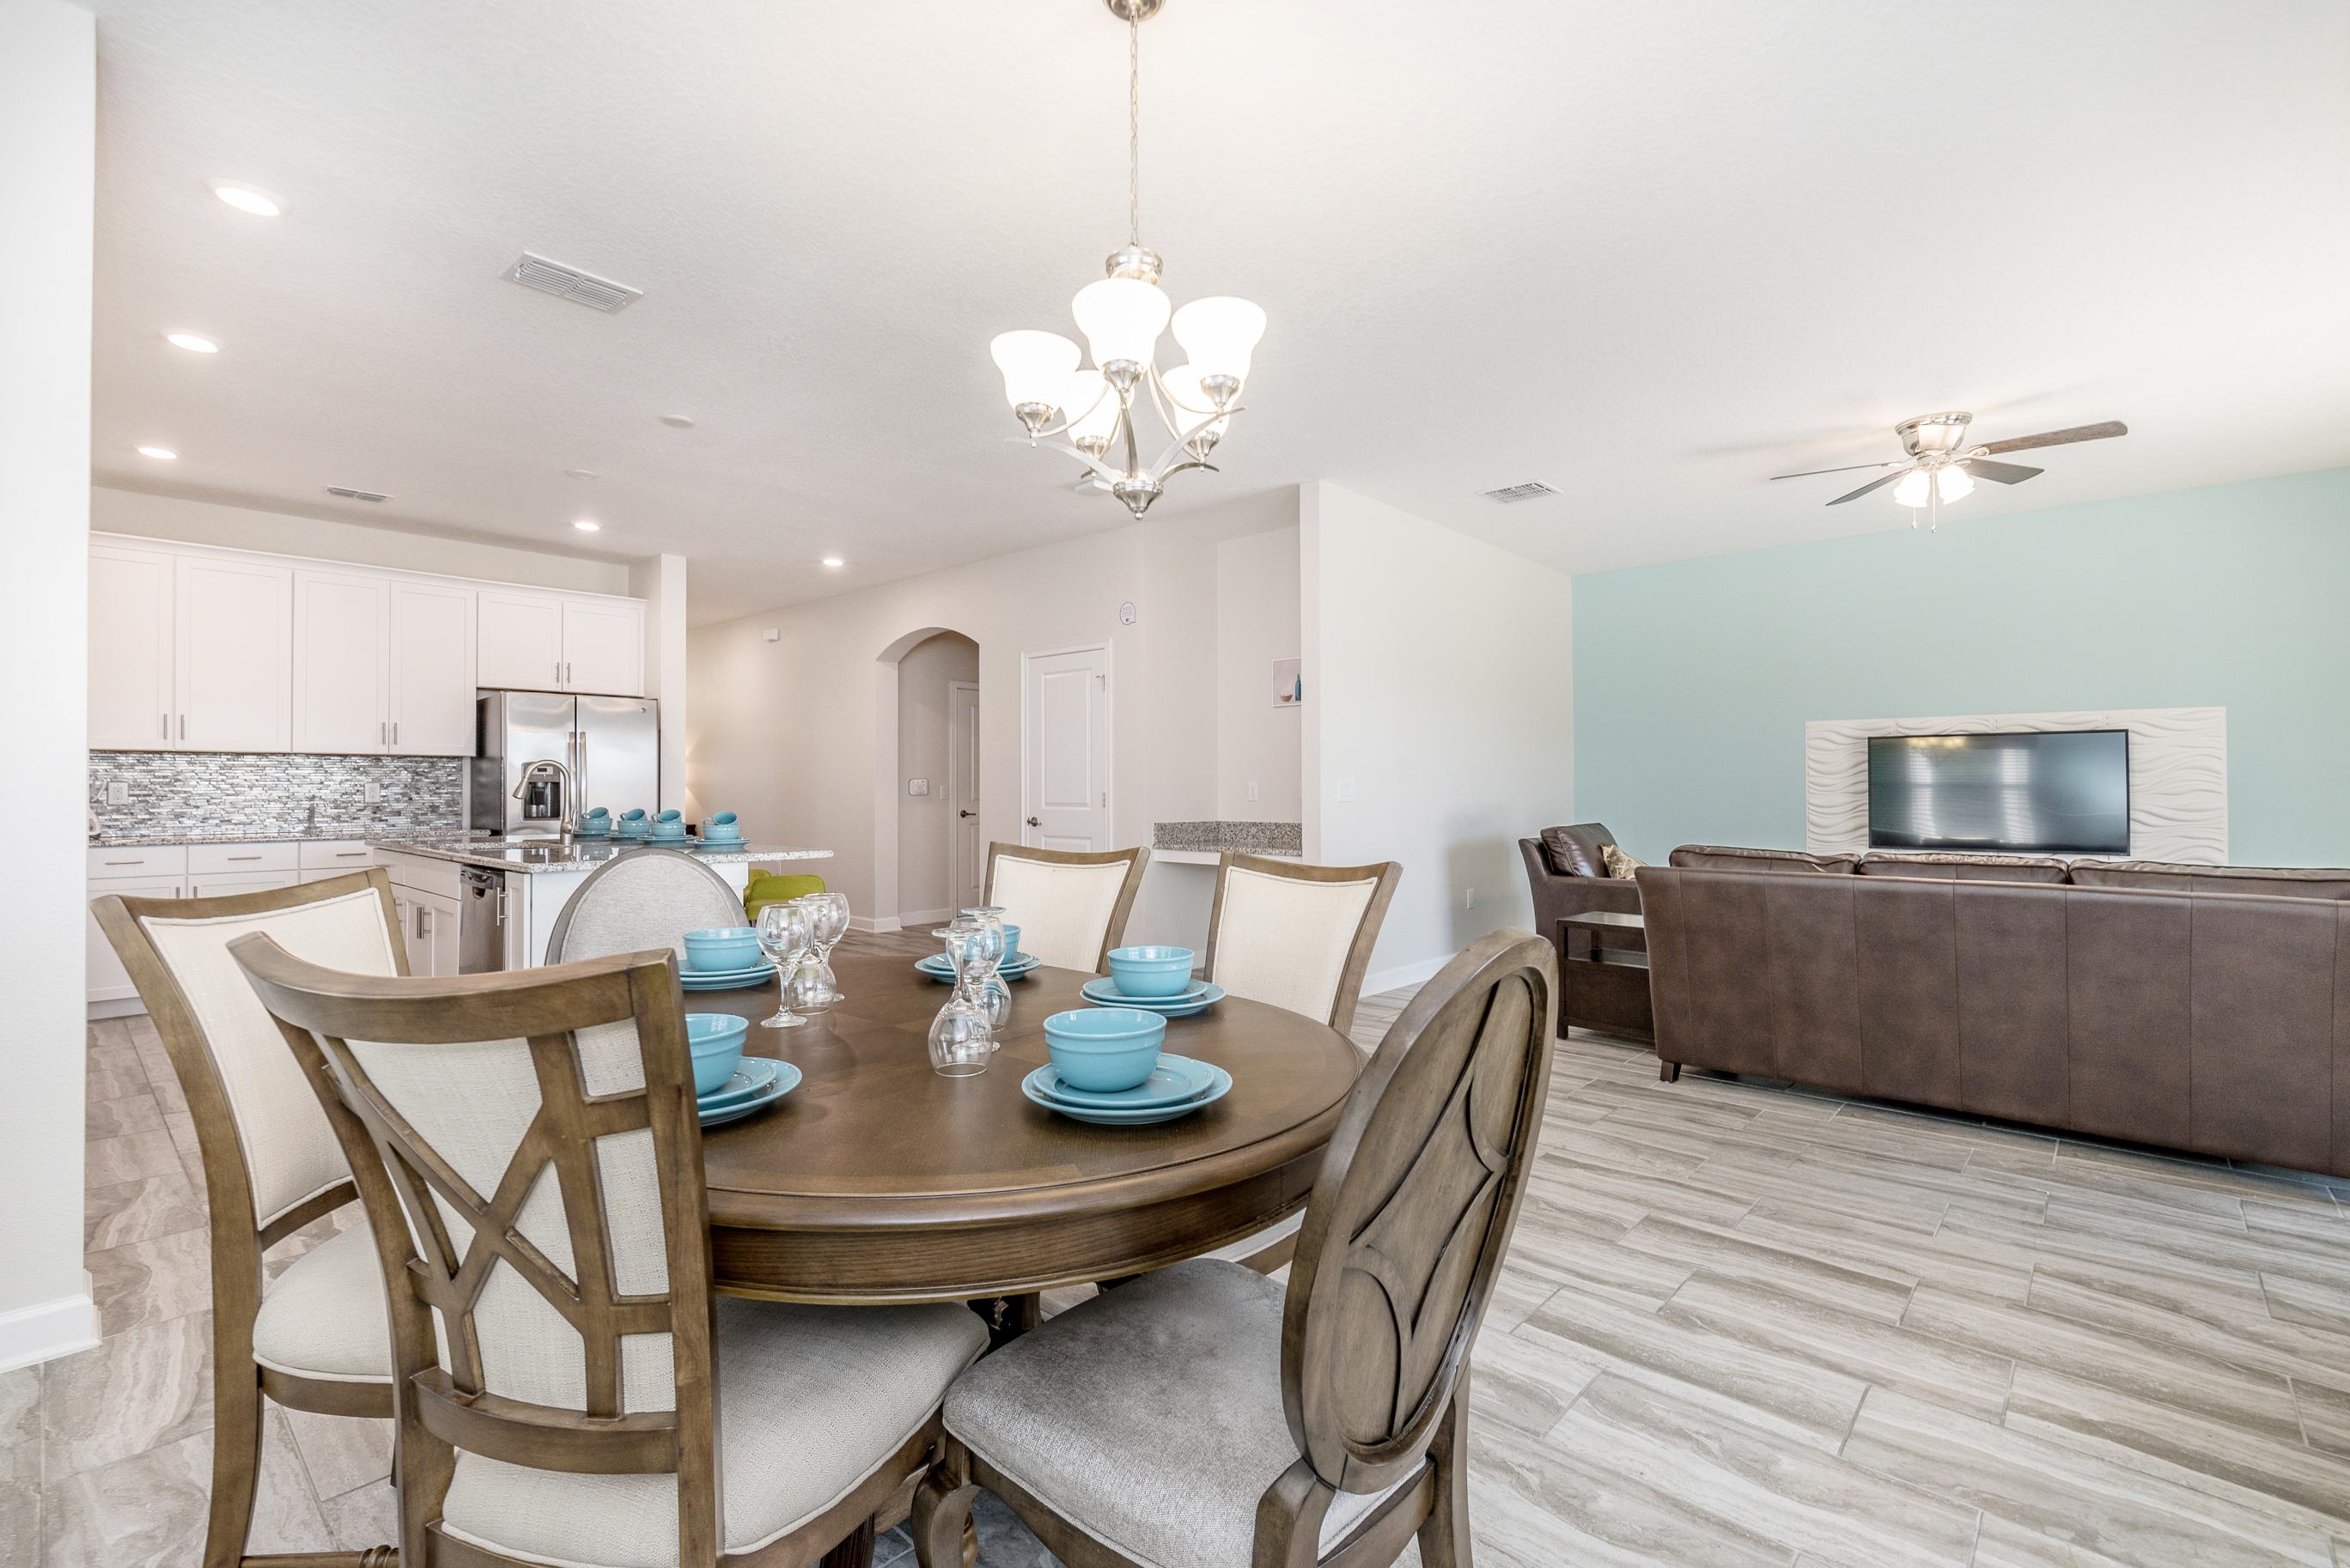 6 Bedroom 5 Star Platinum Champions Gate Resort Villas